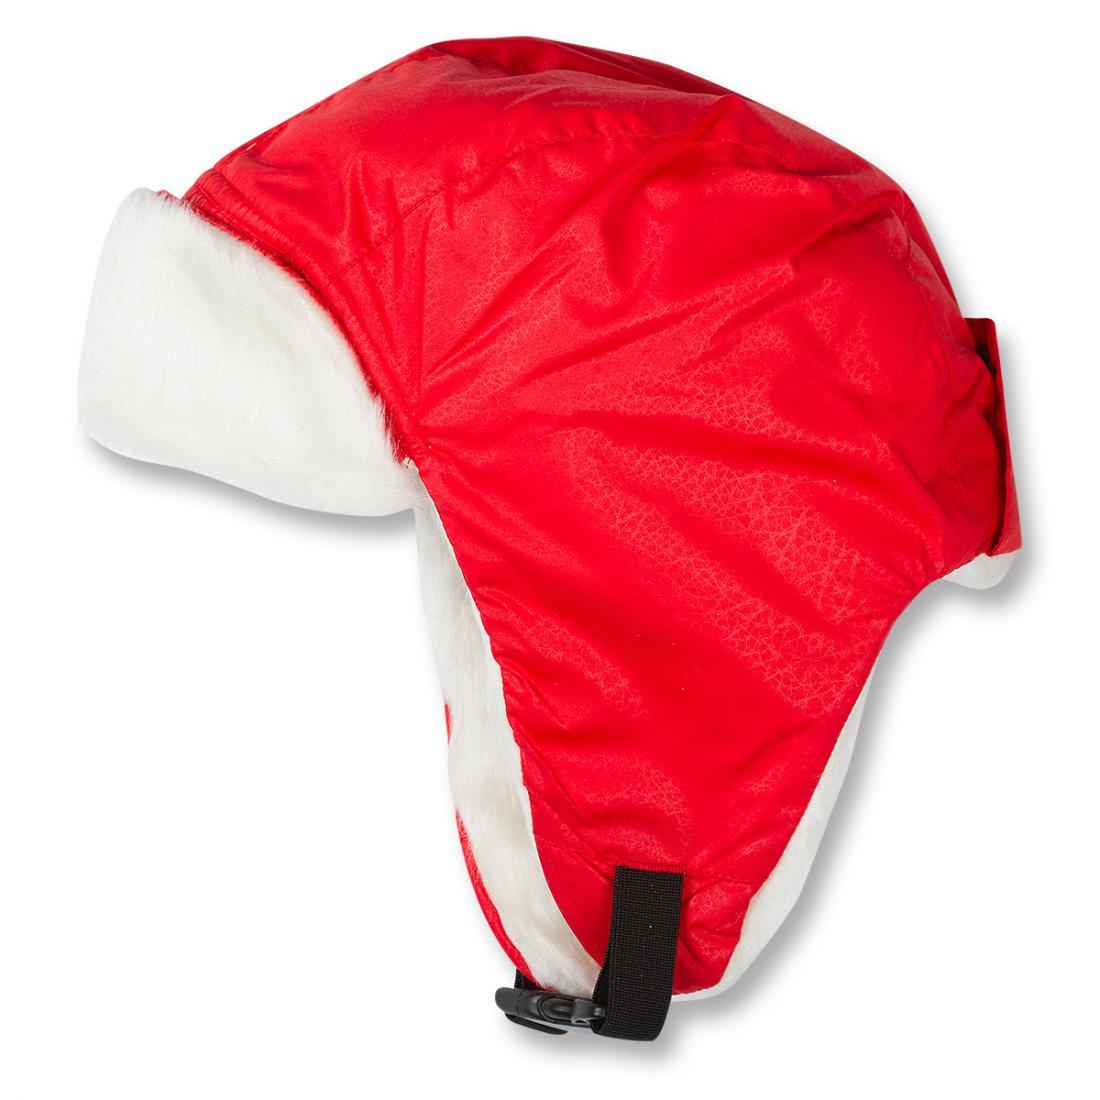 Шапка AmnistiaУшанки<br><br> Удобная шапка-ушанка классического дизайна.<br><br><br> Основные характеристики:<br><br><br>комфортная посадка<br>эргономичная конструкция кроя<br>отделка из искусственного меха<br>регулировка по высоте<br>&lt;...<br><br>Цвет: Красный<br>Размер: 58